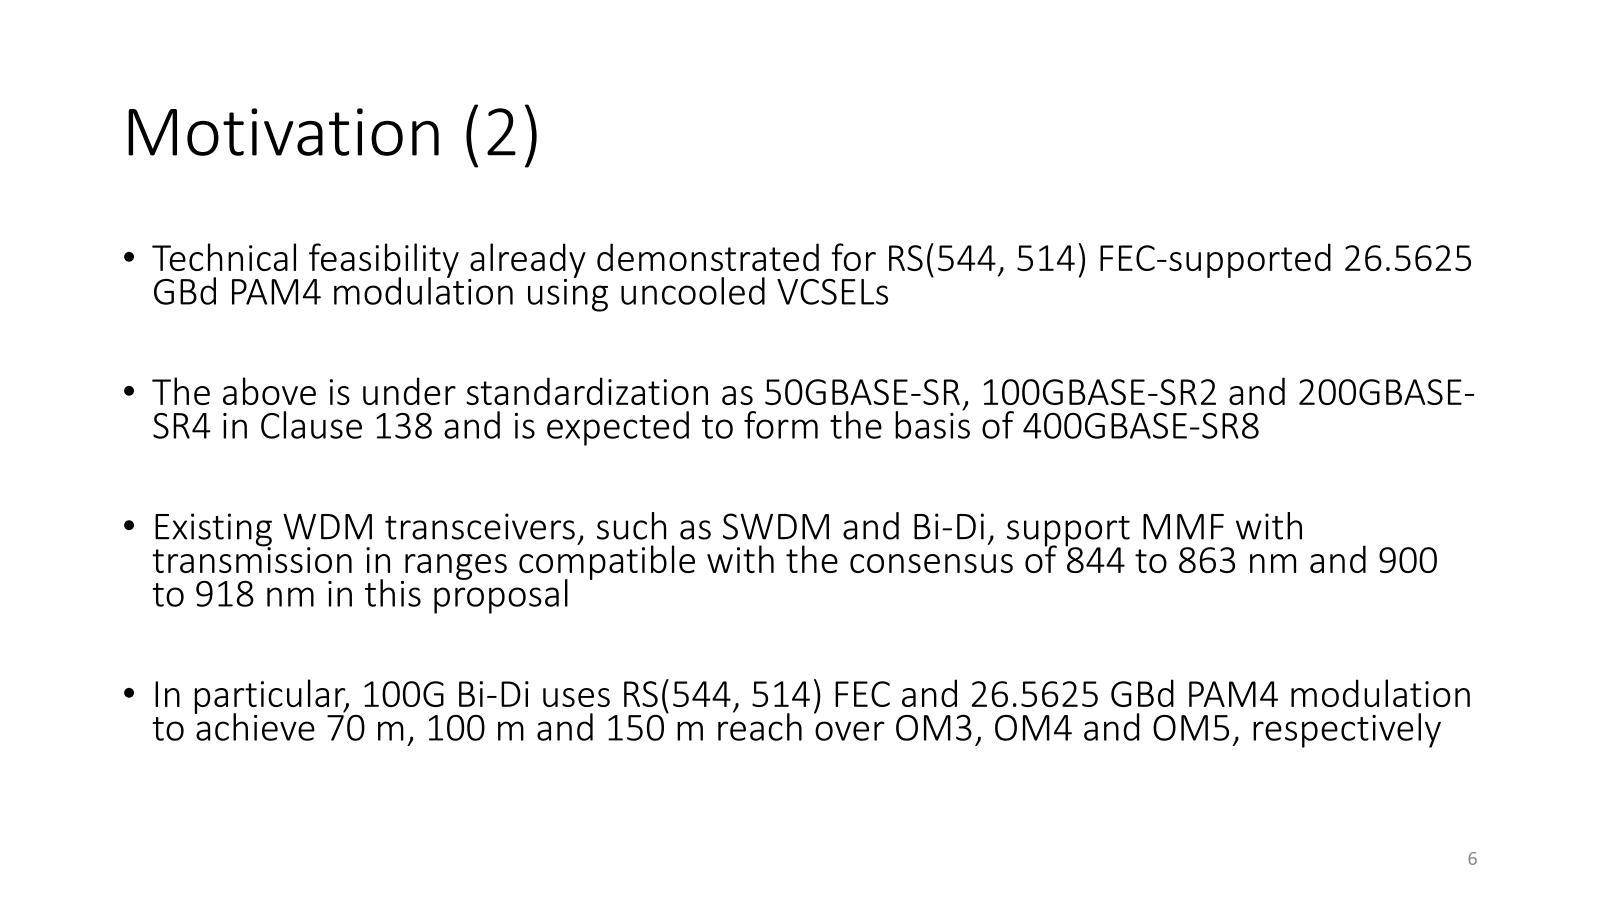 Bi-Di、つまりWDMを利用しての1本の光ファイバーを使った双方向通信が既に現実的、とやや強弁している気もなくはない。技術的には確かに熟しているのだろうが、問題はコストだ